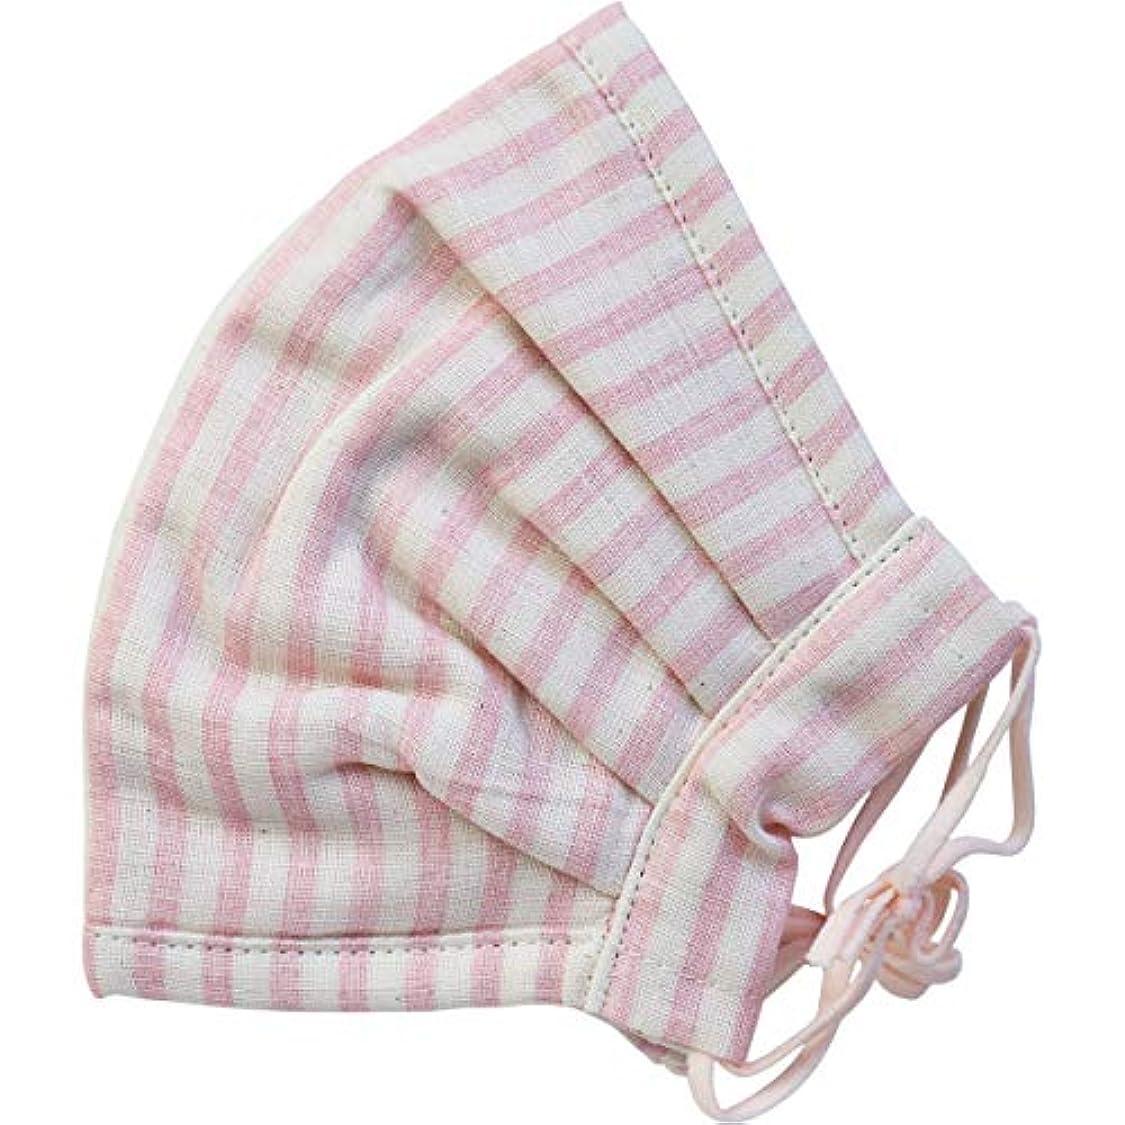 感謝祭信念高齢者ふわふわマスク 今治産タオル 超敏感肌用 ピンクストライプ ゆったり大きめサイズ 1枚入×10個セット